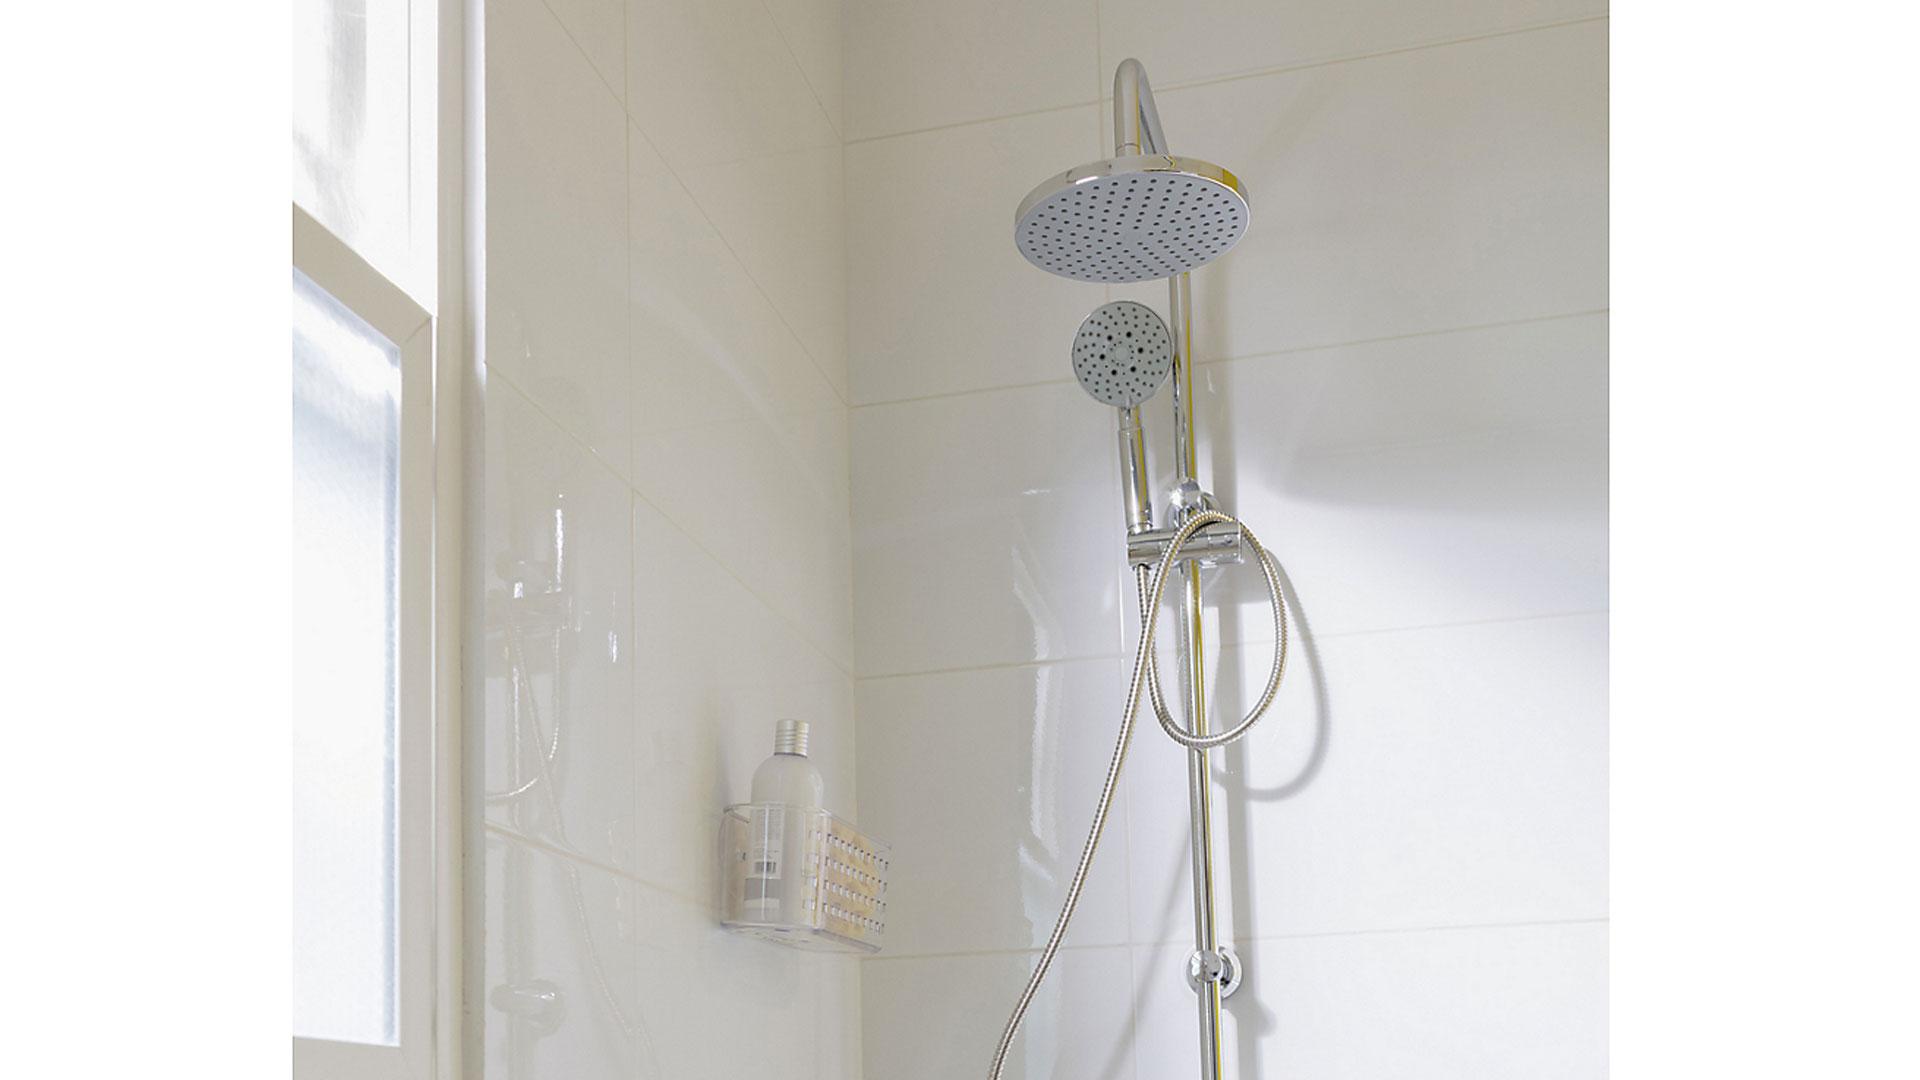 Como la mayoría de los artefactos del hogar, la ducha teléfono con el tiempo sufre desgaste y deterioro, pero no por ello debe cambiarla completa, existe la alternativa de repararla según sus partes dañadas.